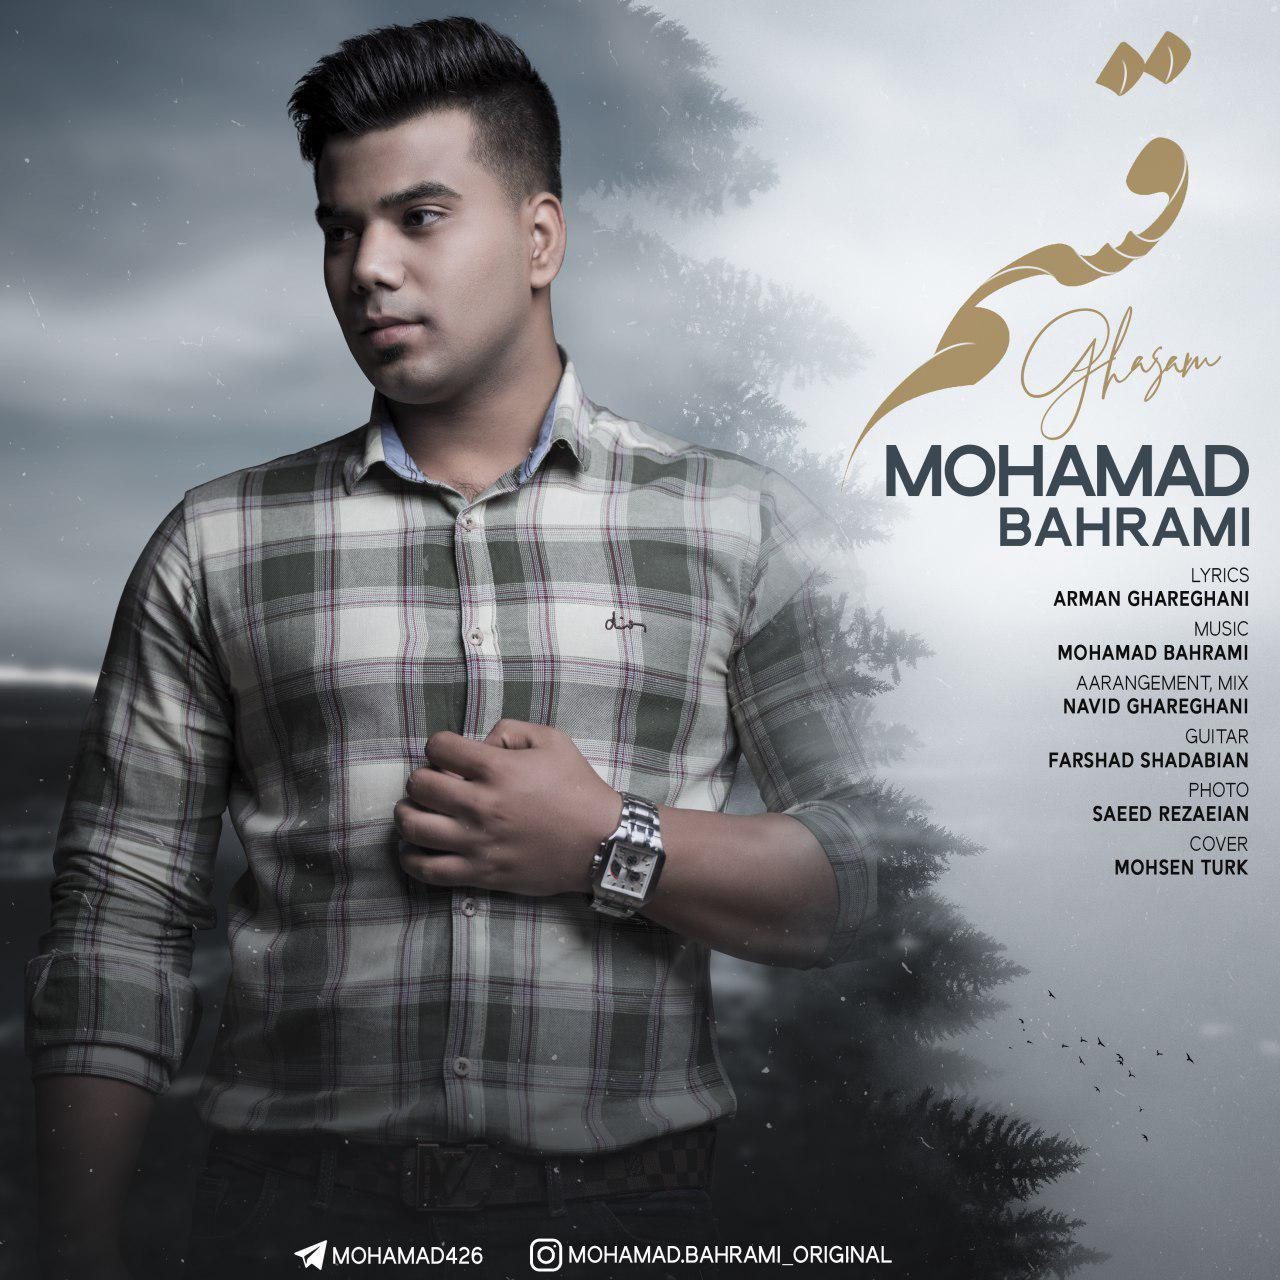 Mohamad Bahrami – Ghasam